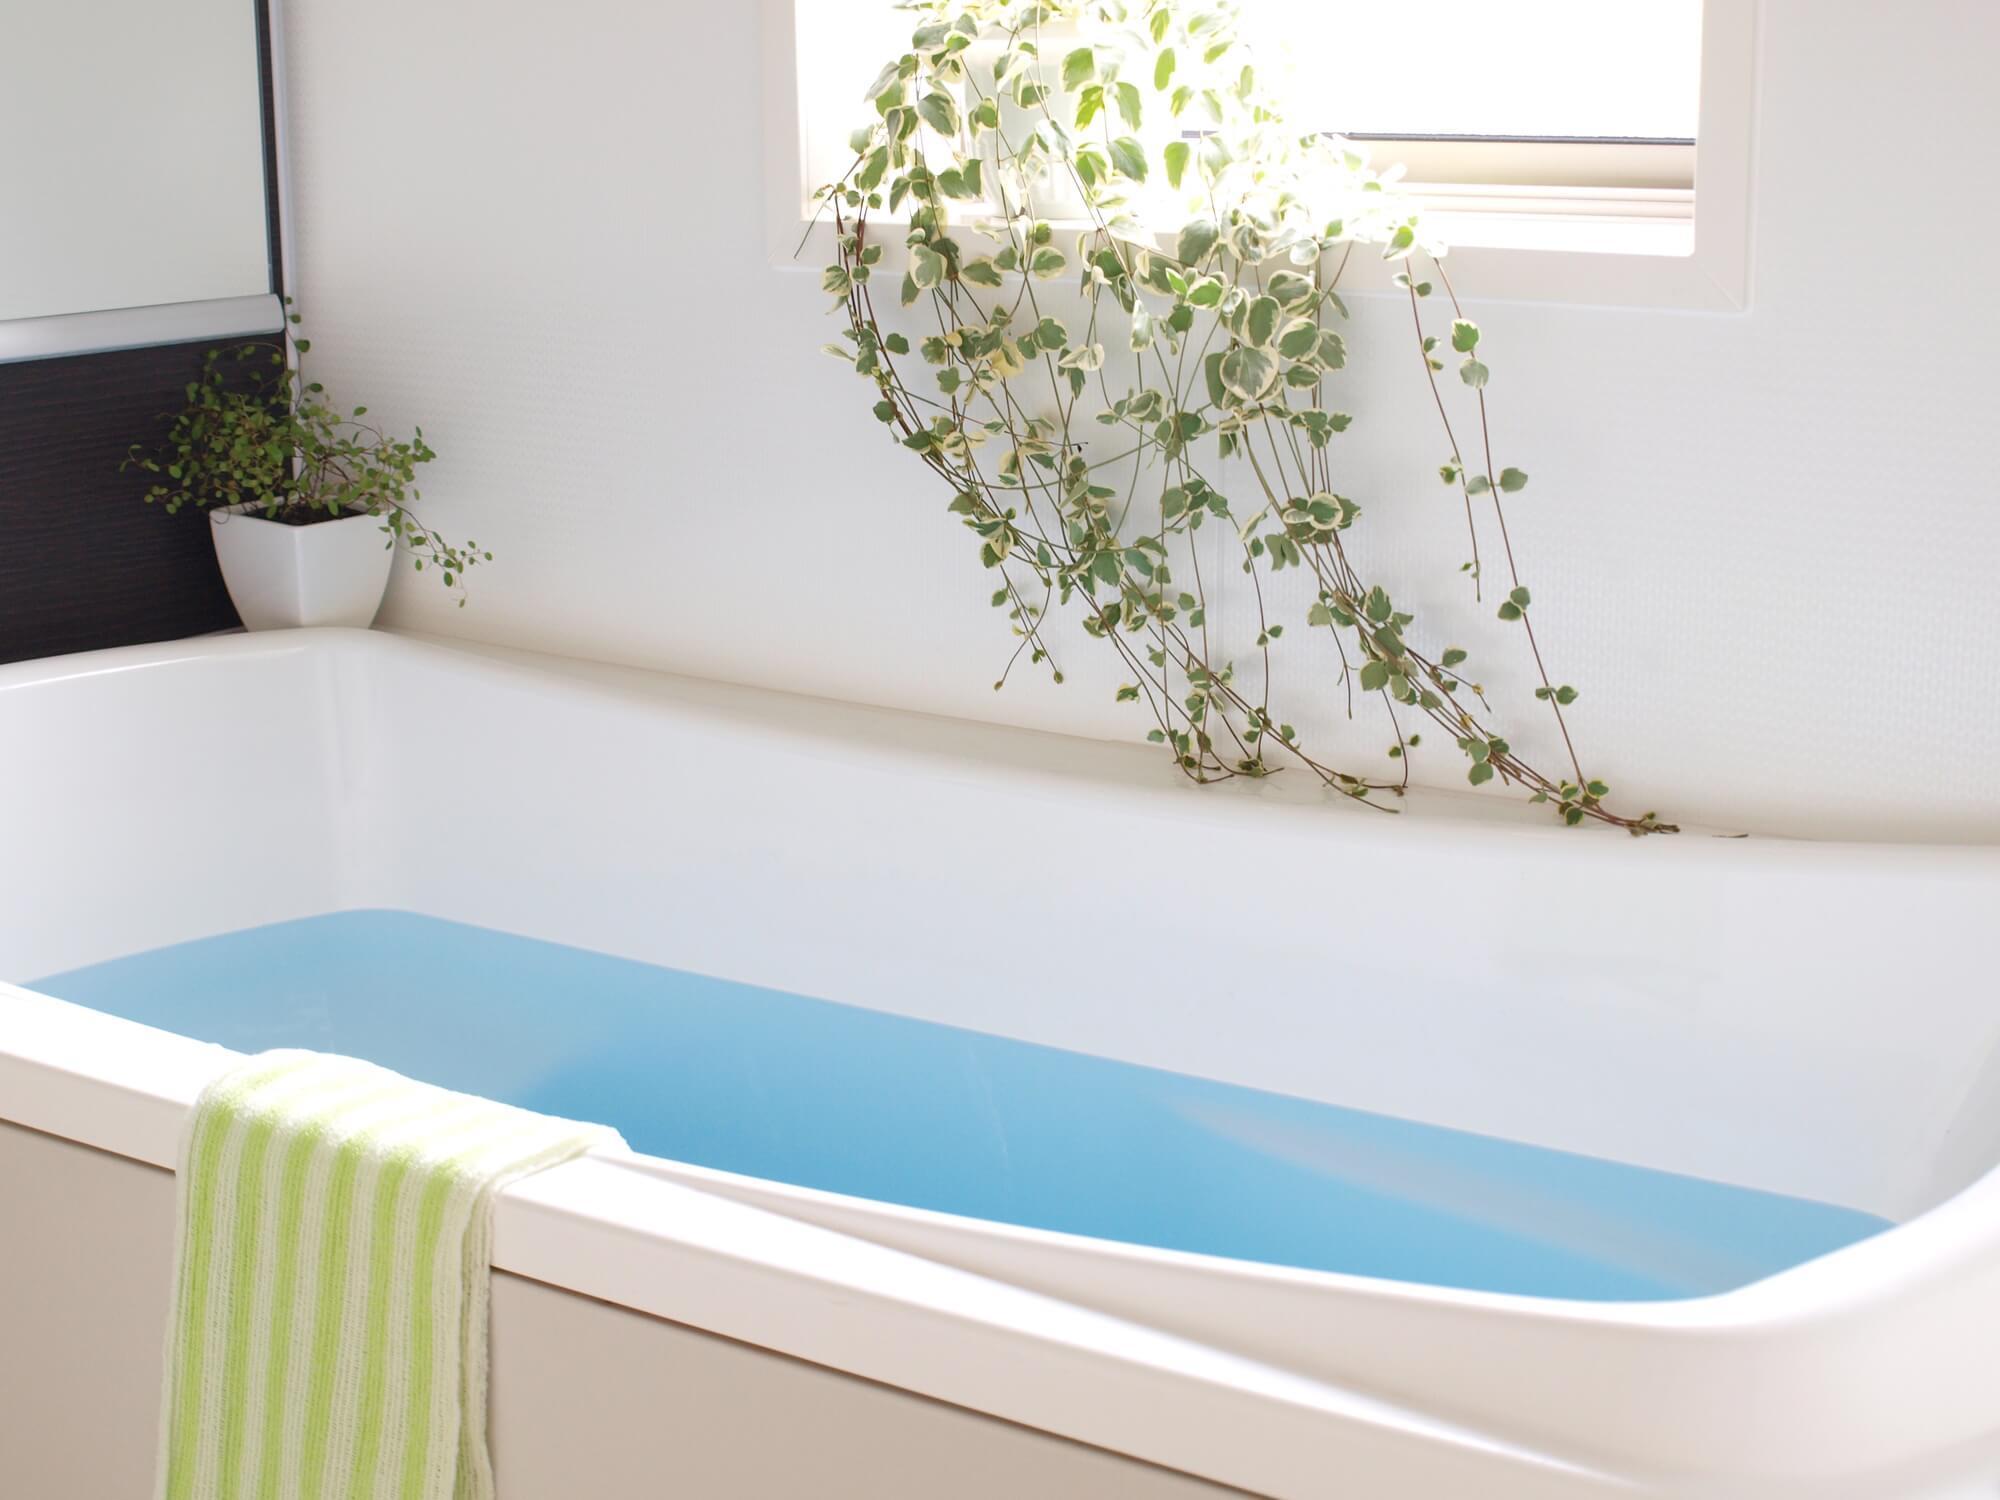 成分や浴槽タイプに注意すれば、問題なく使える